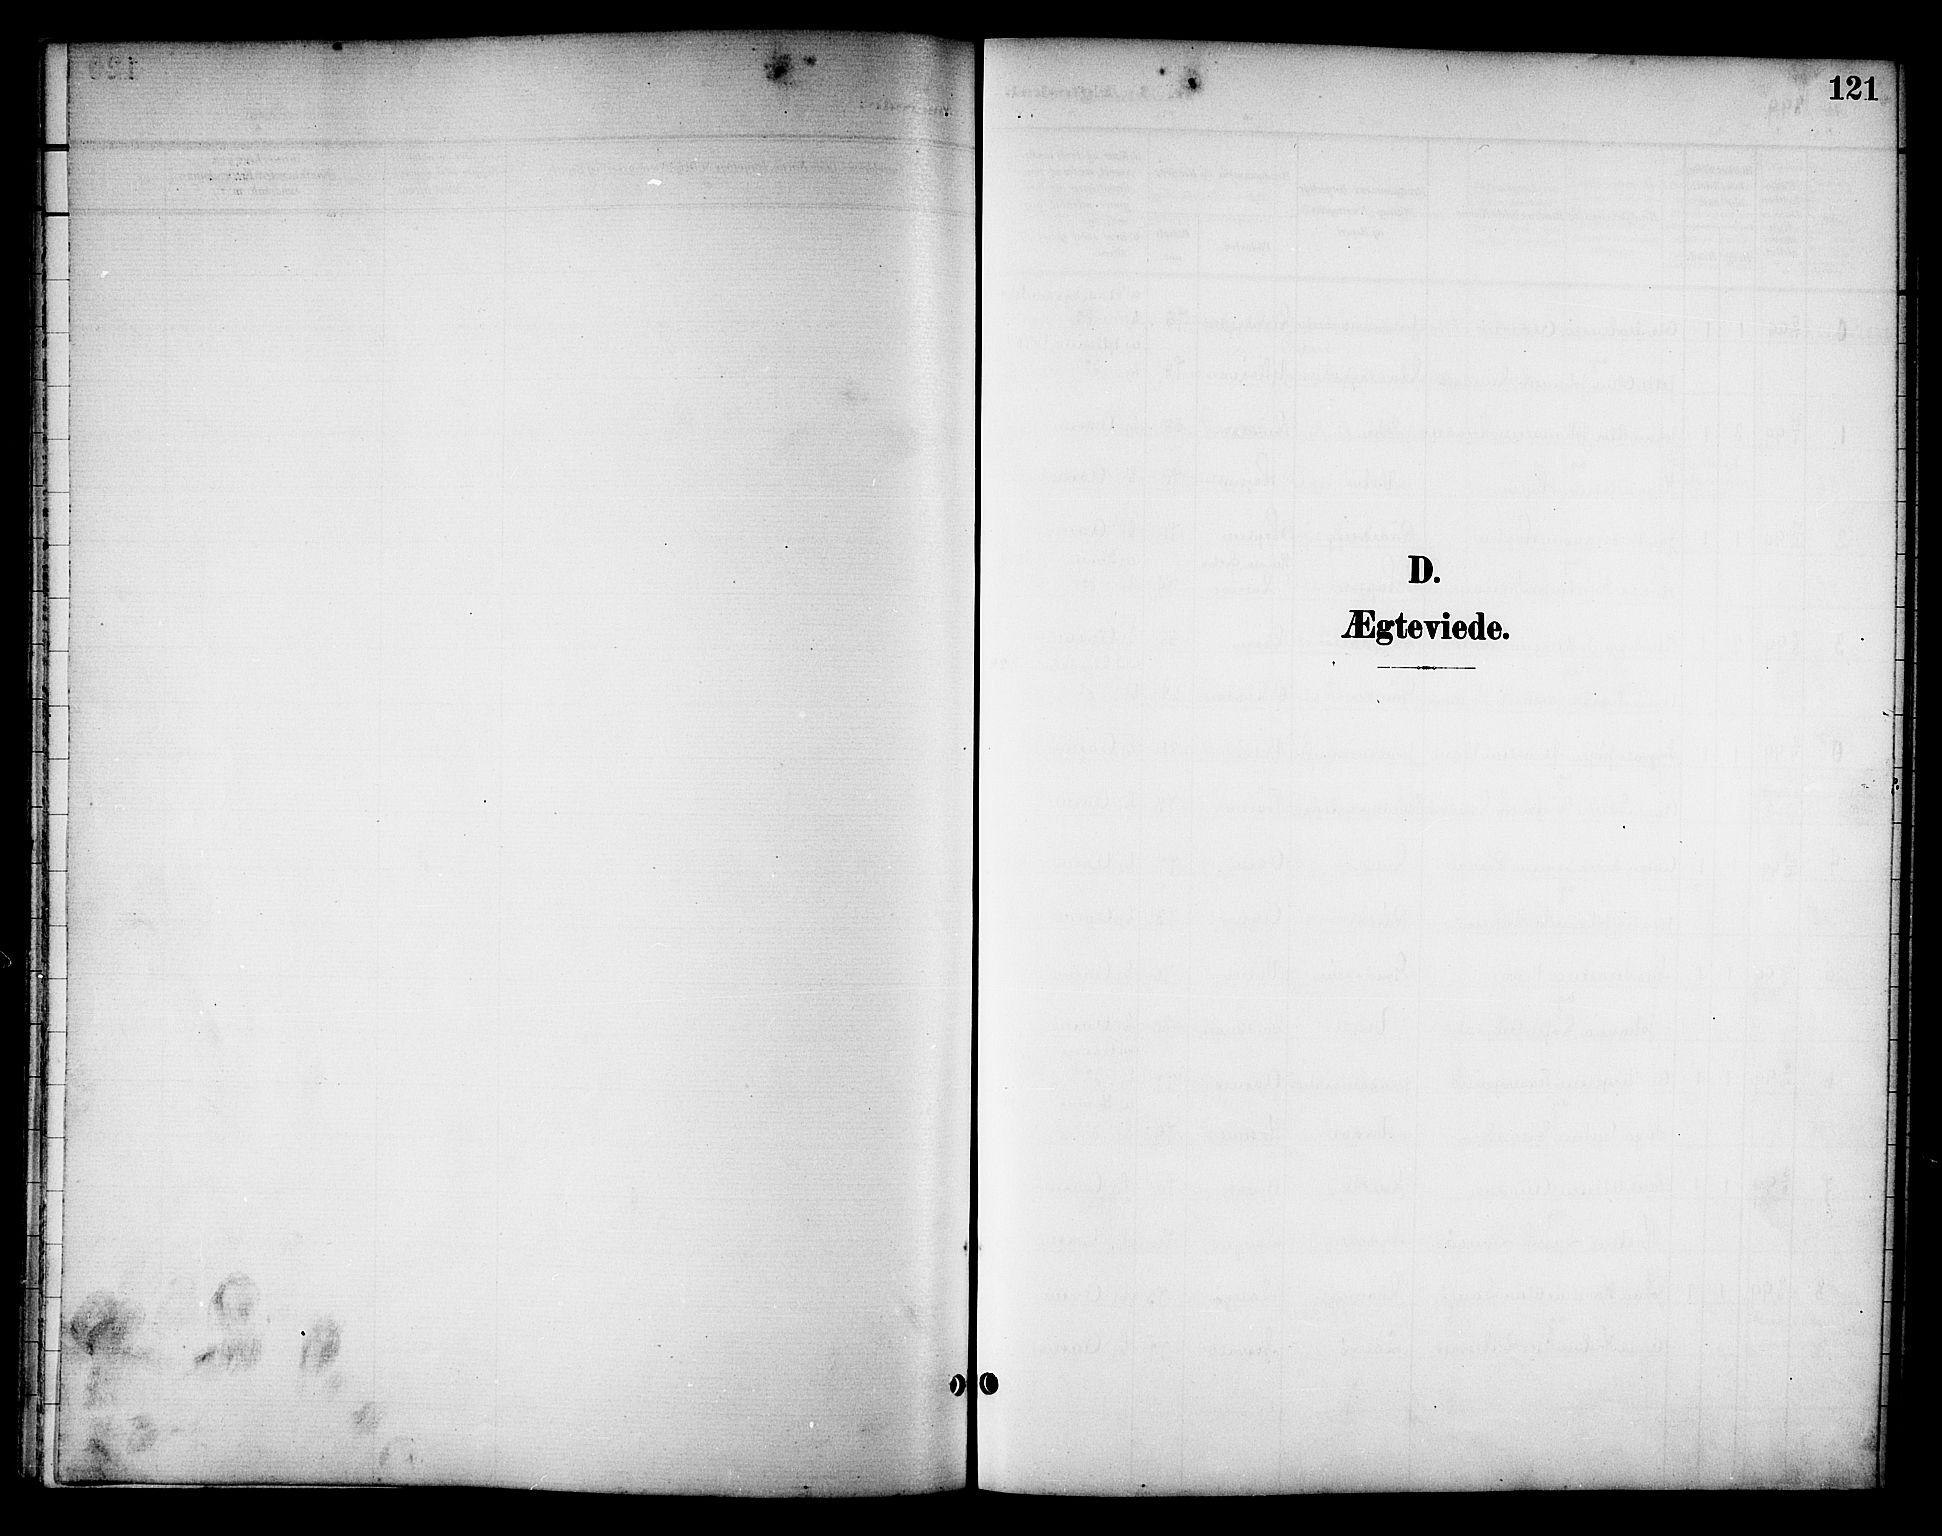 SAT, Ministerialprotokoller, klokkerbøker og fødselsregistre - Nord-Trøndelag, 714/L0135: Klokkerbok nr. 714C04, 1899-1918, s. 121